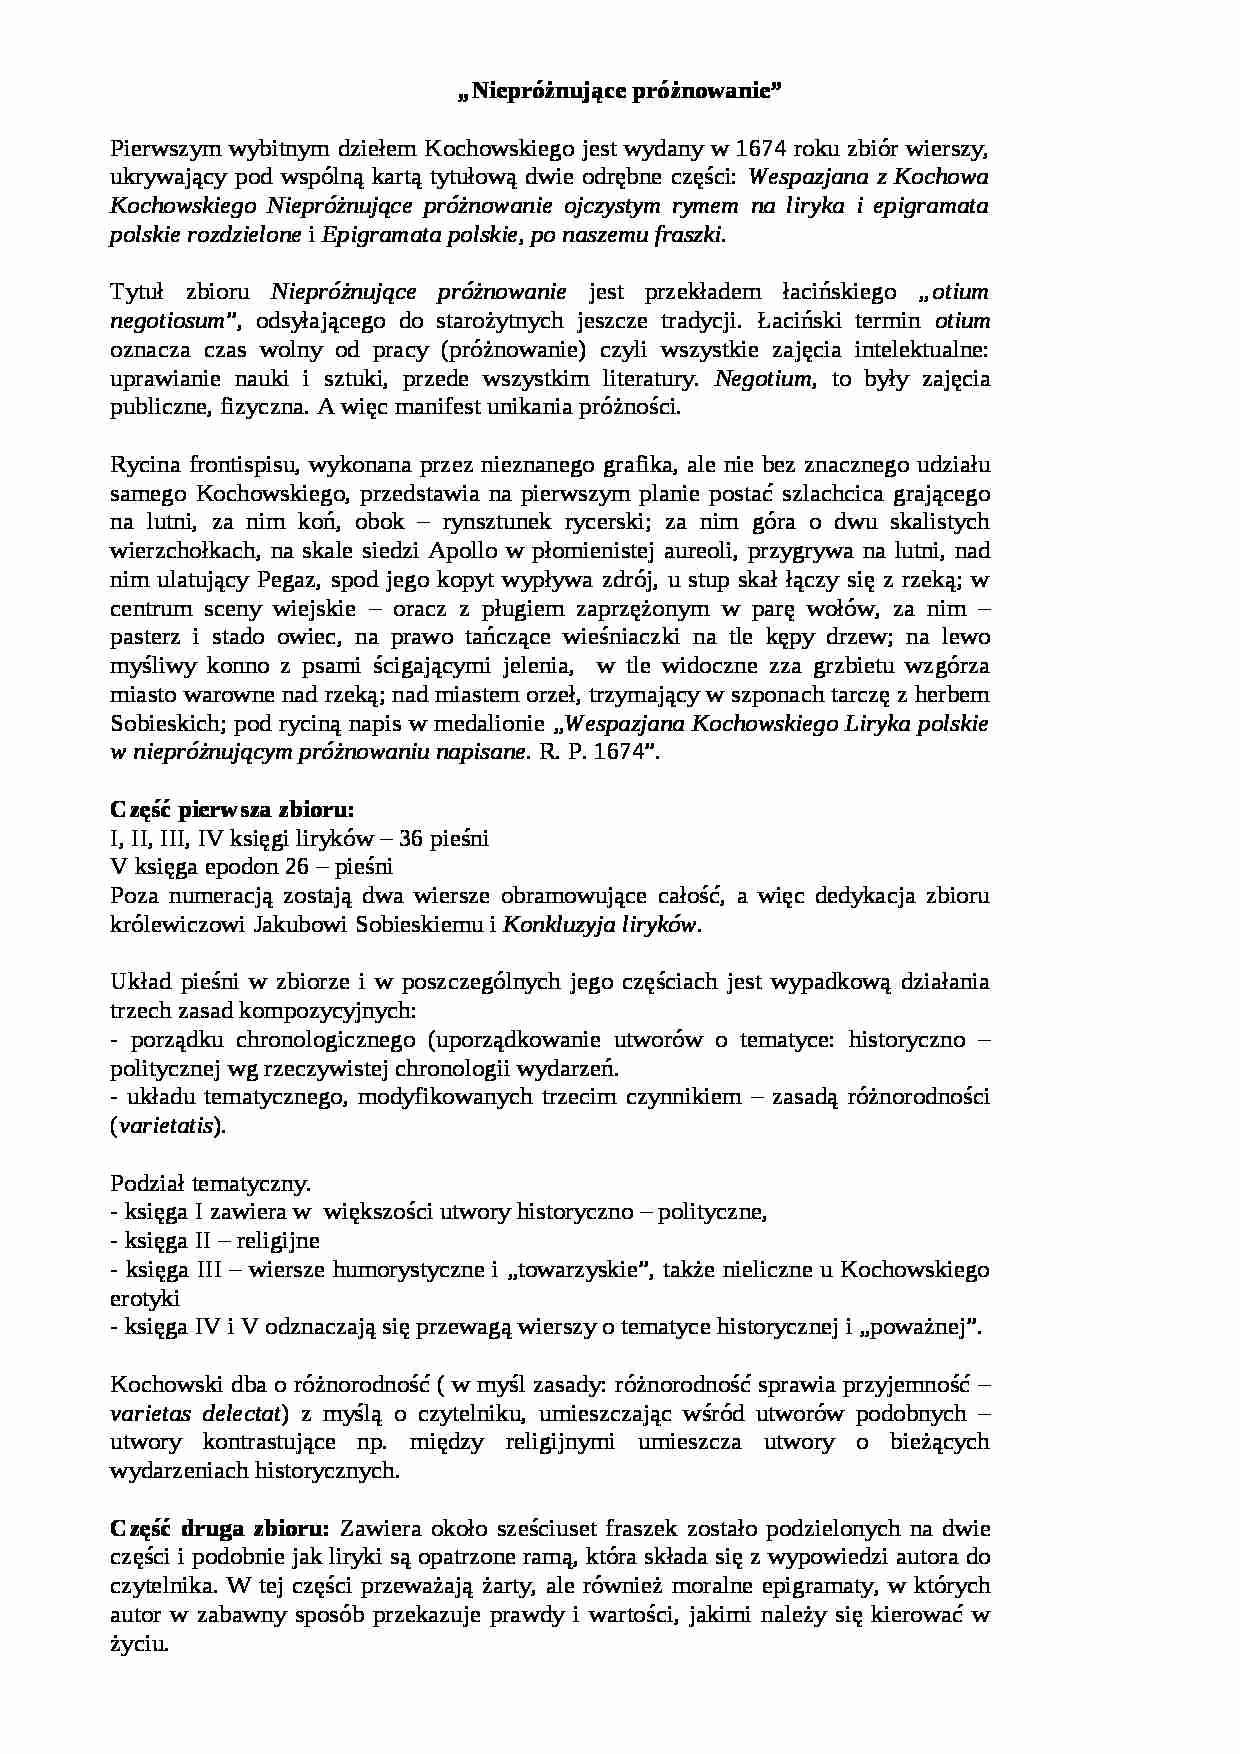 Wespazjan Kochowski Nieproznujace Proznowanie Budowa Notatek Pl